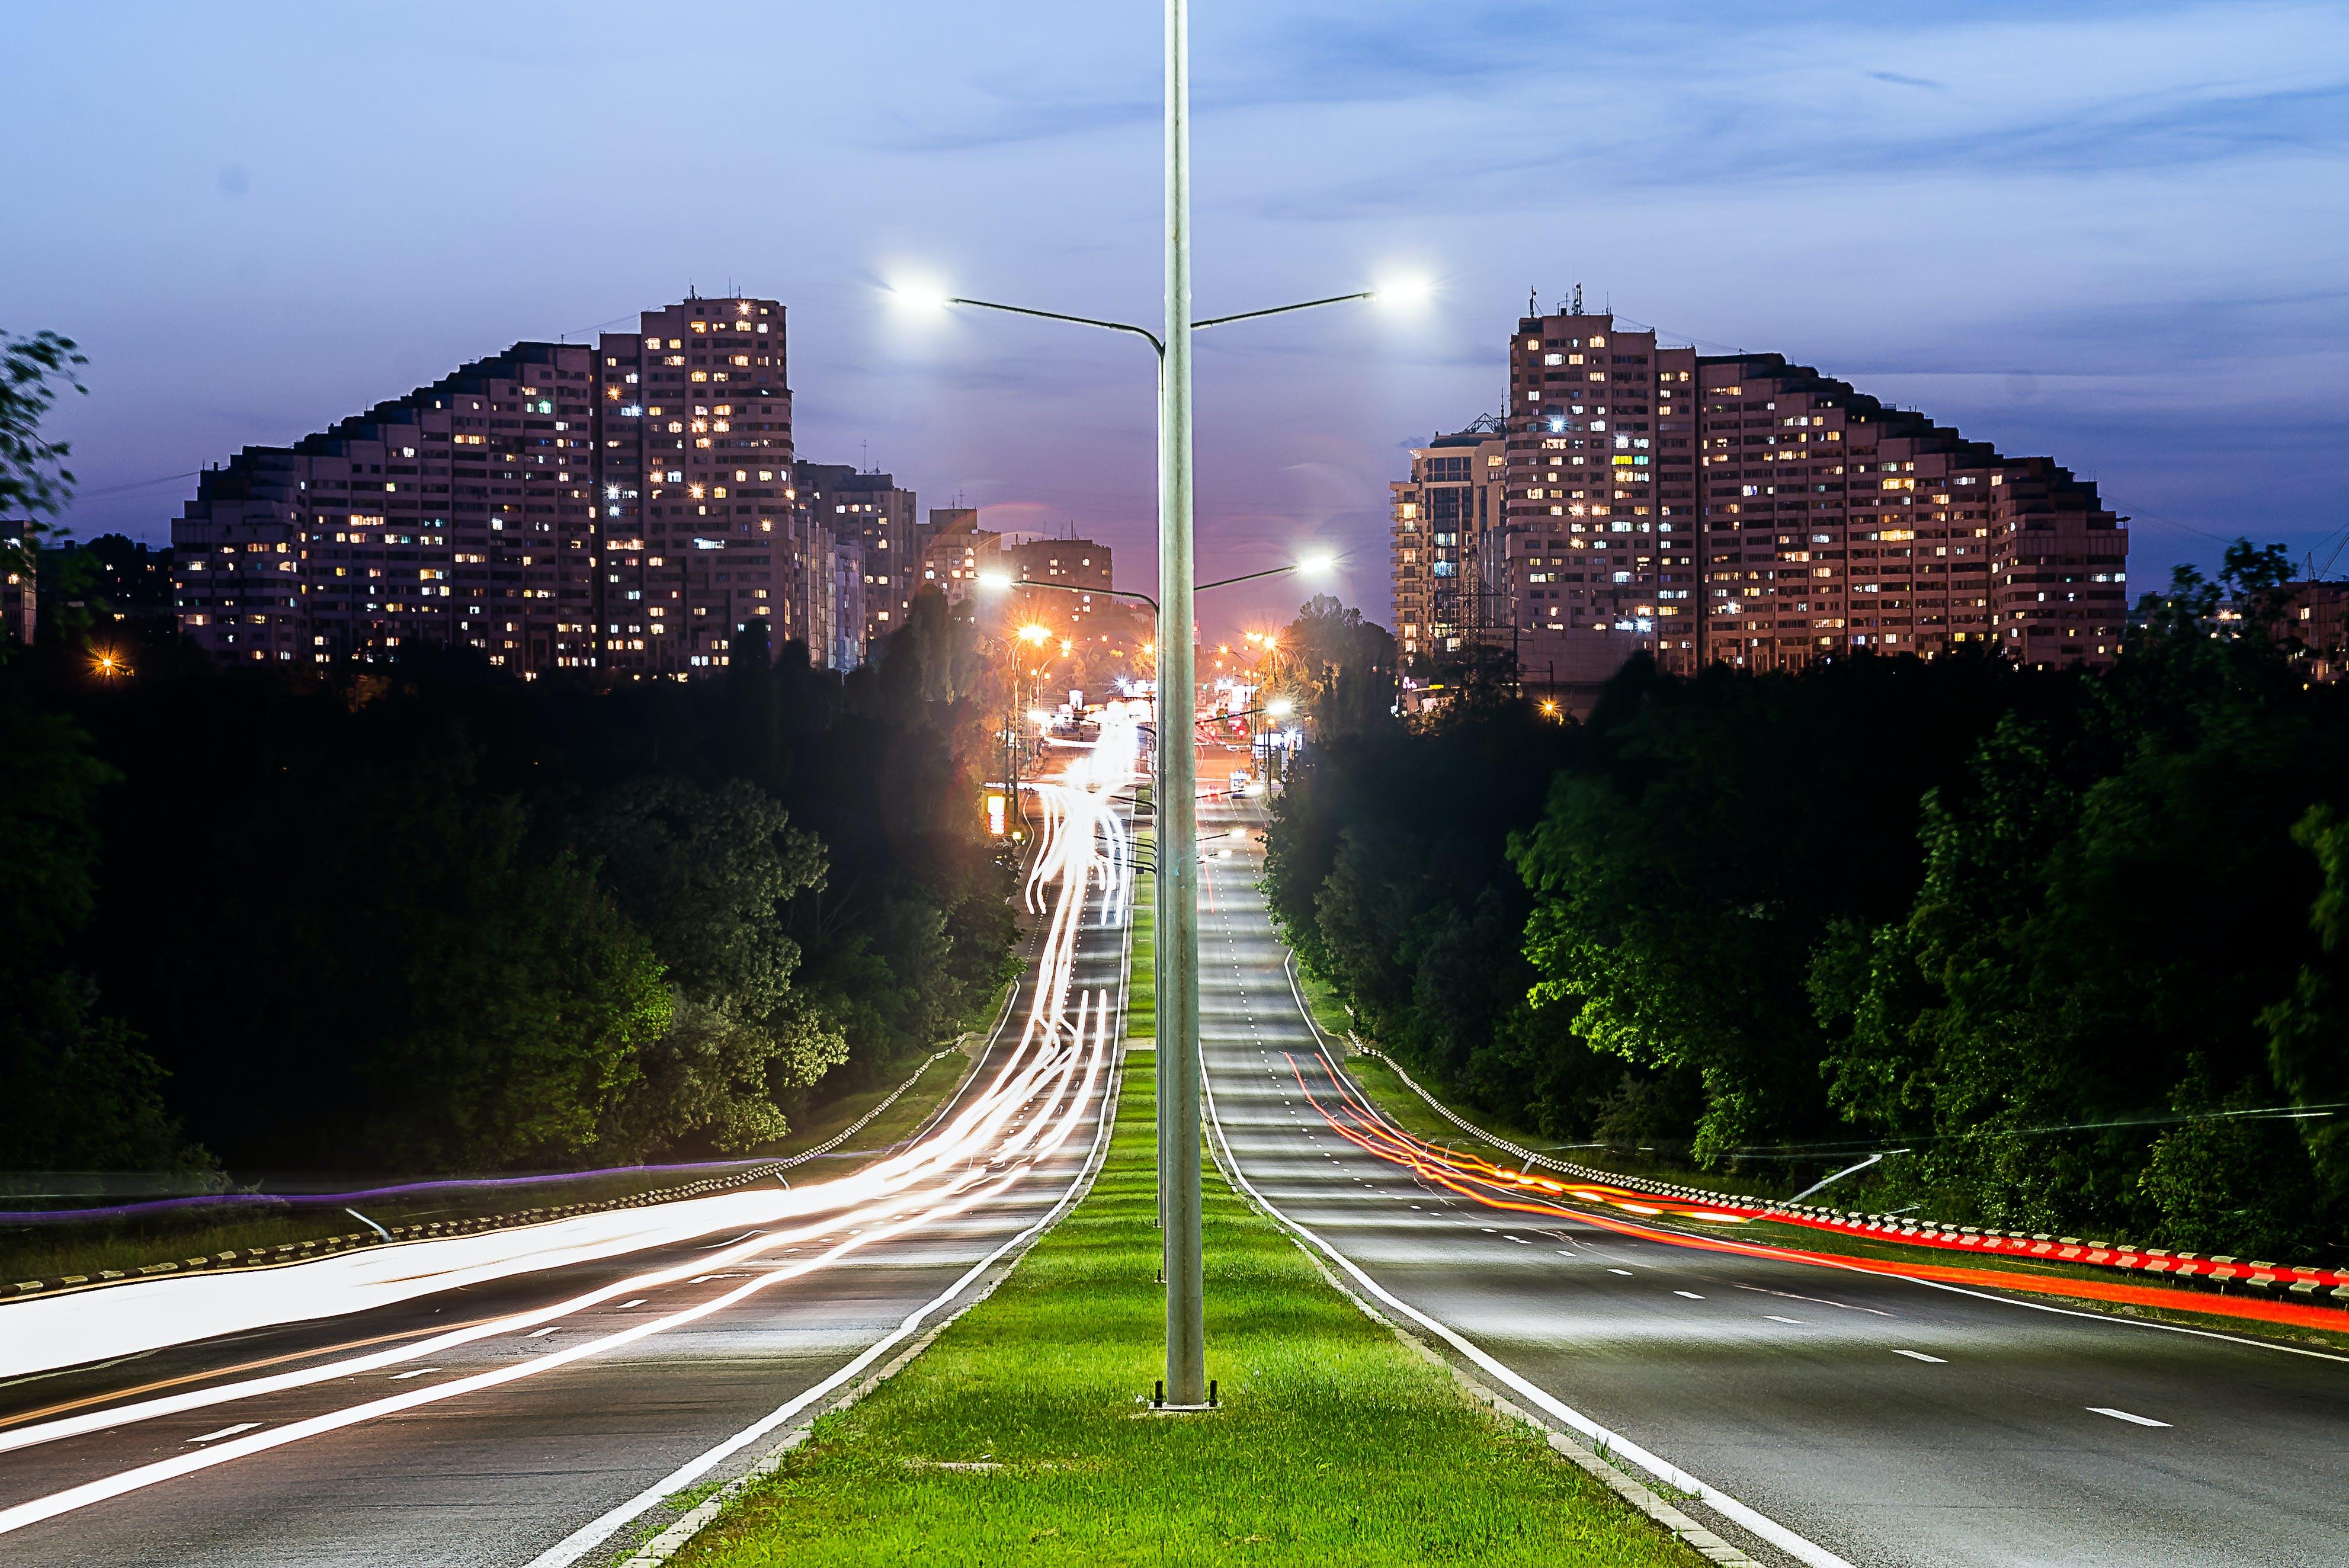 Gratis lagerfoto af asfalt, by, bygninger, gadelygter